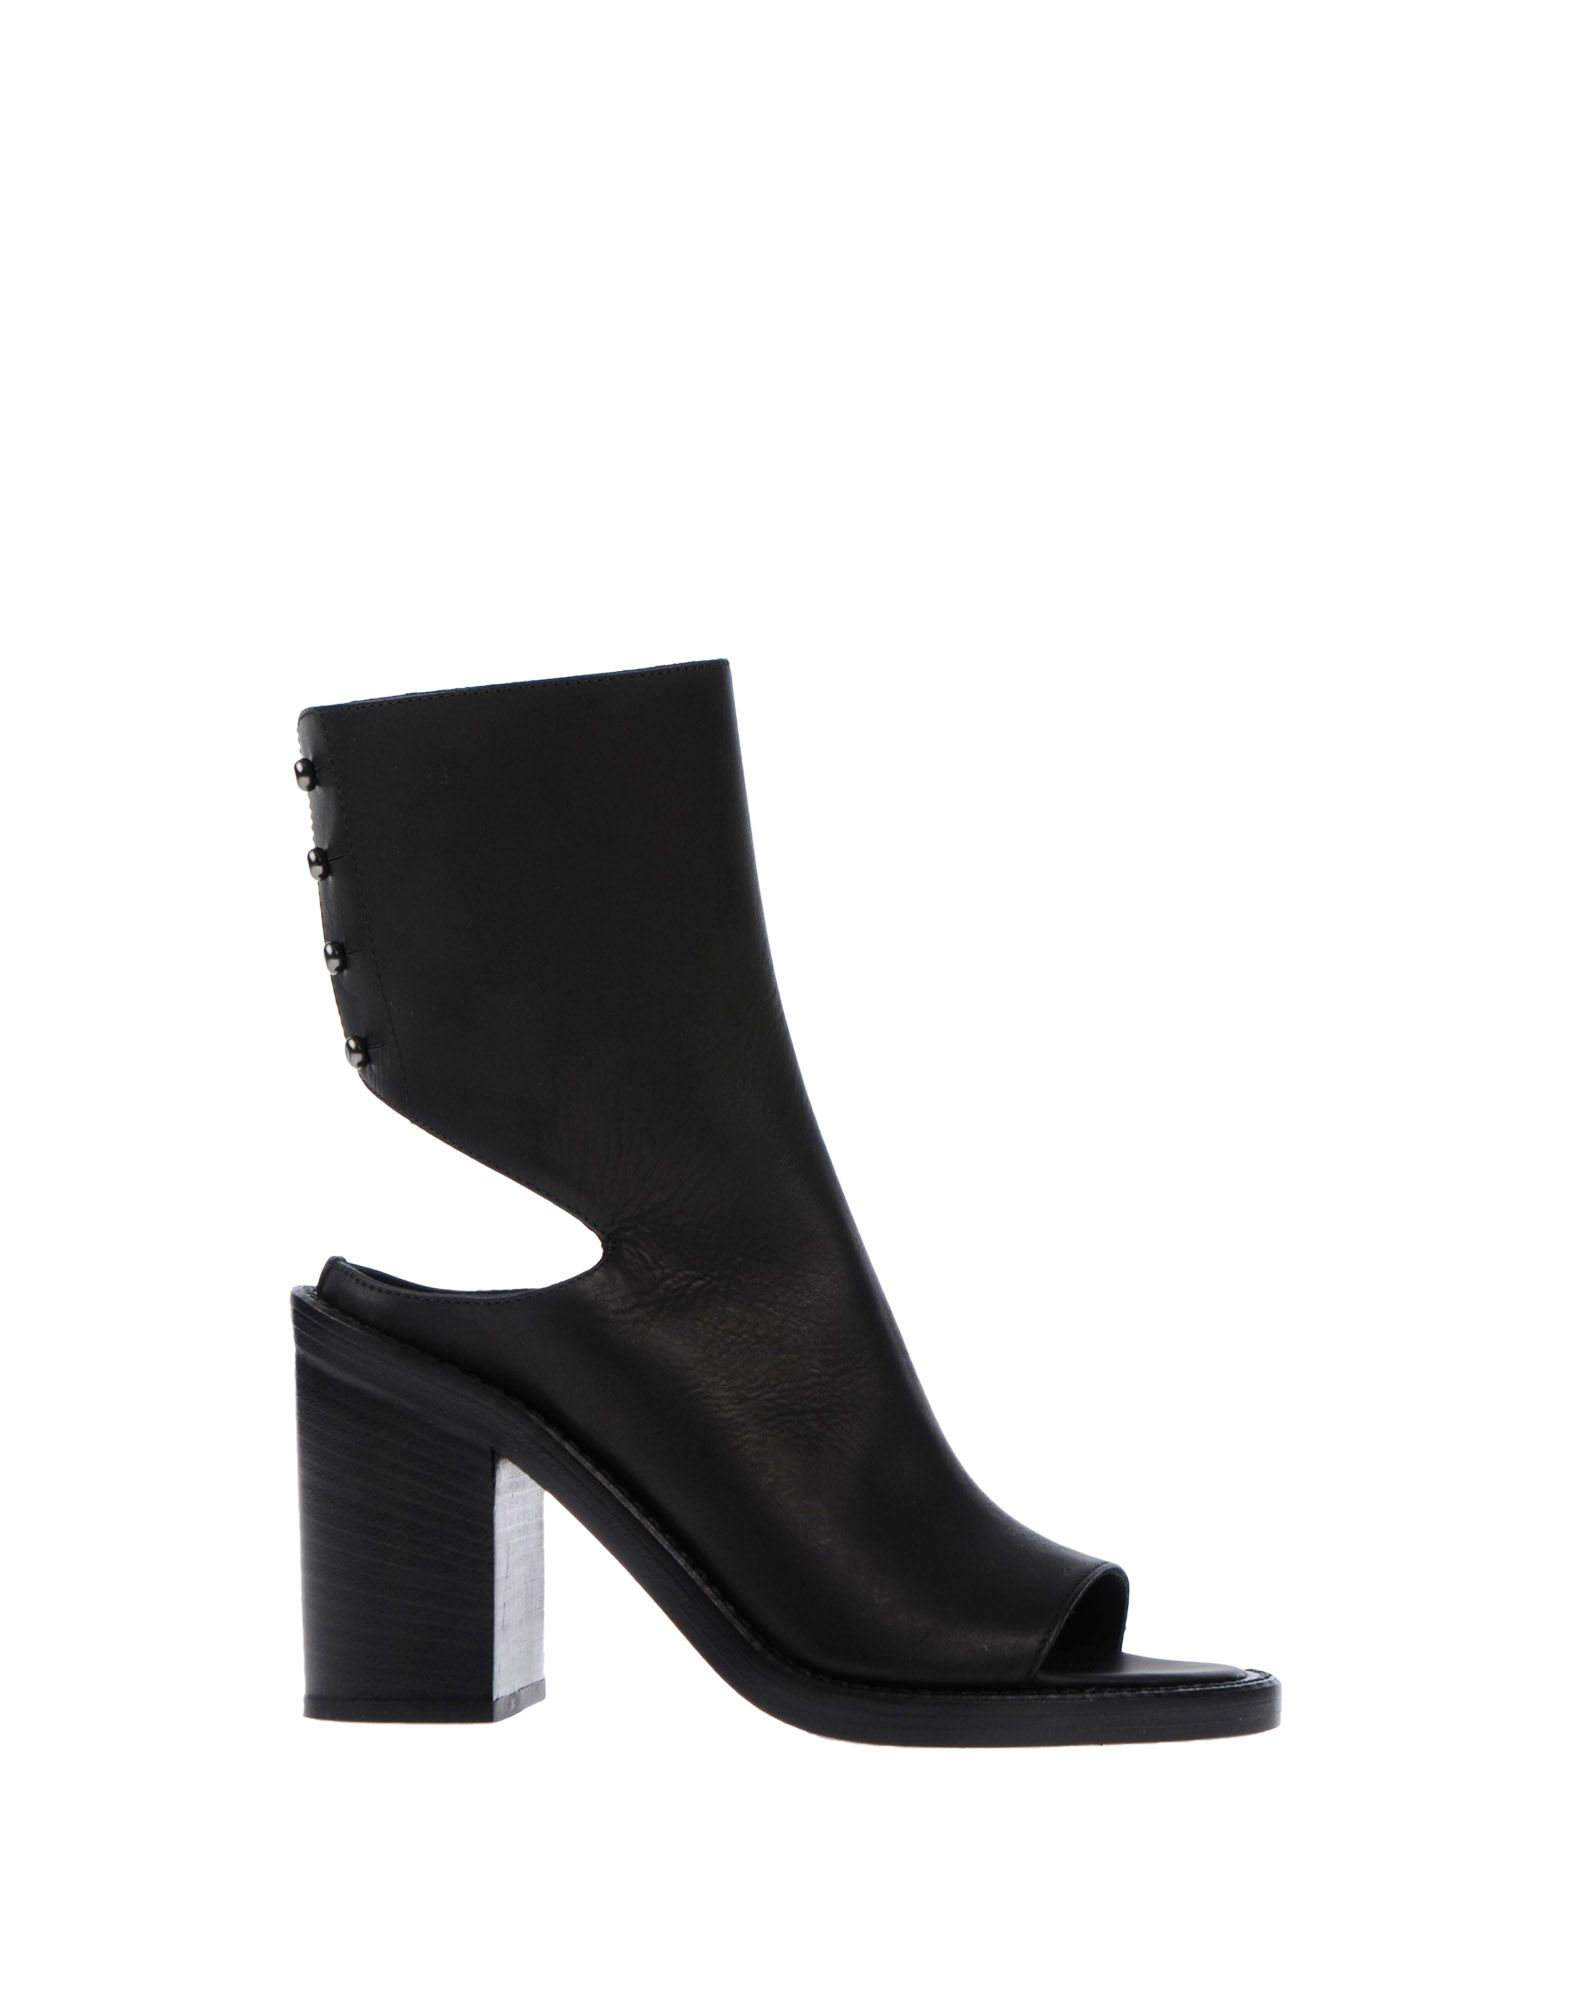 7f246c2f816 Ann Demeulemeester Shoes - Ann Demeulemeester Women - YOOX Latvia